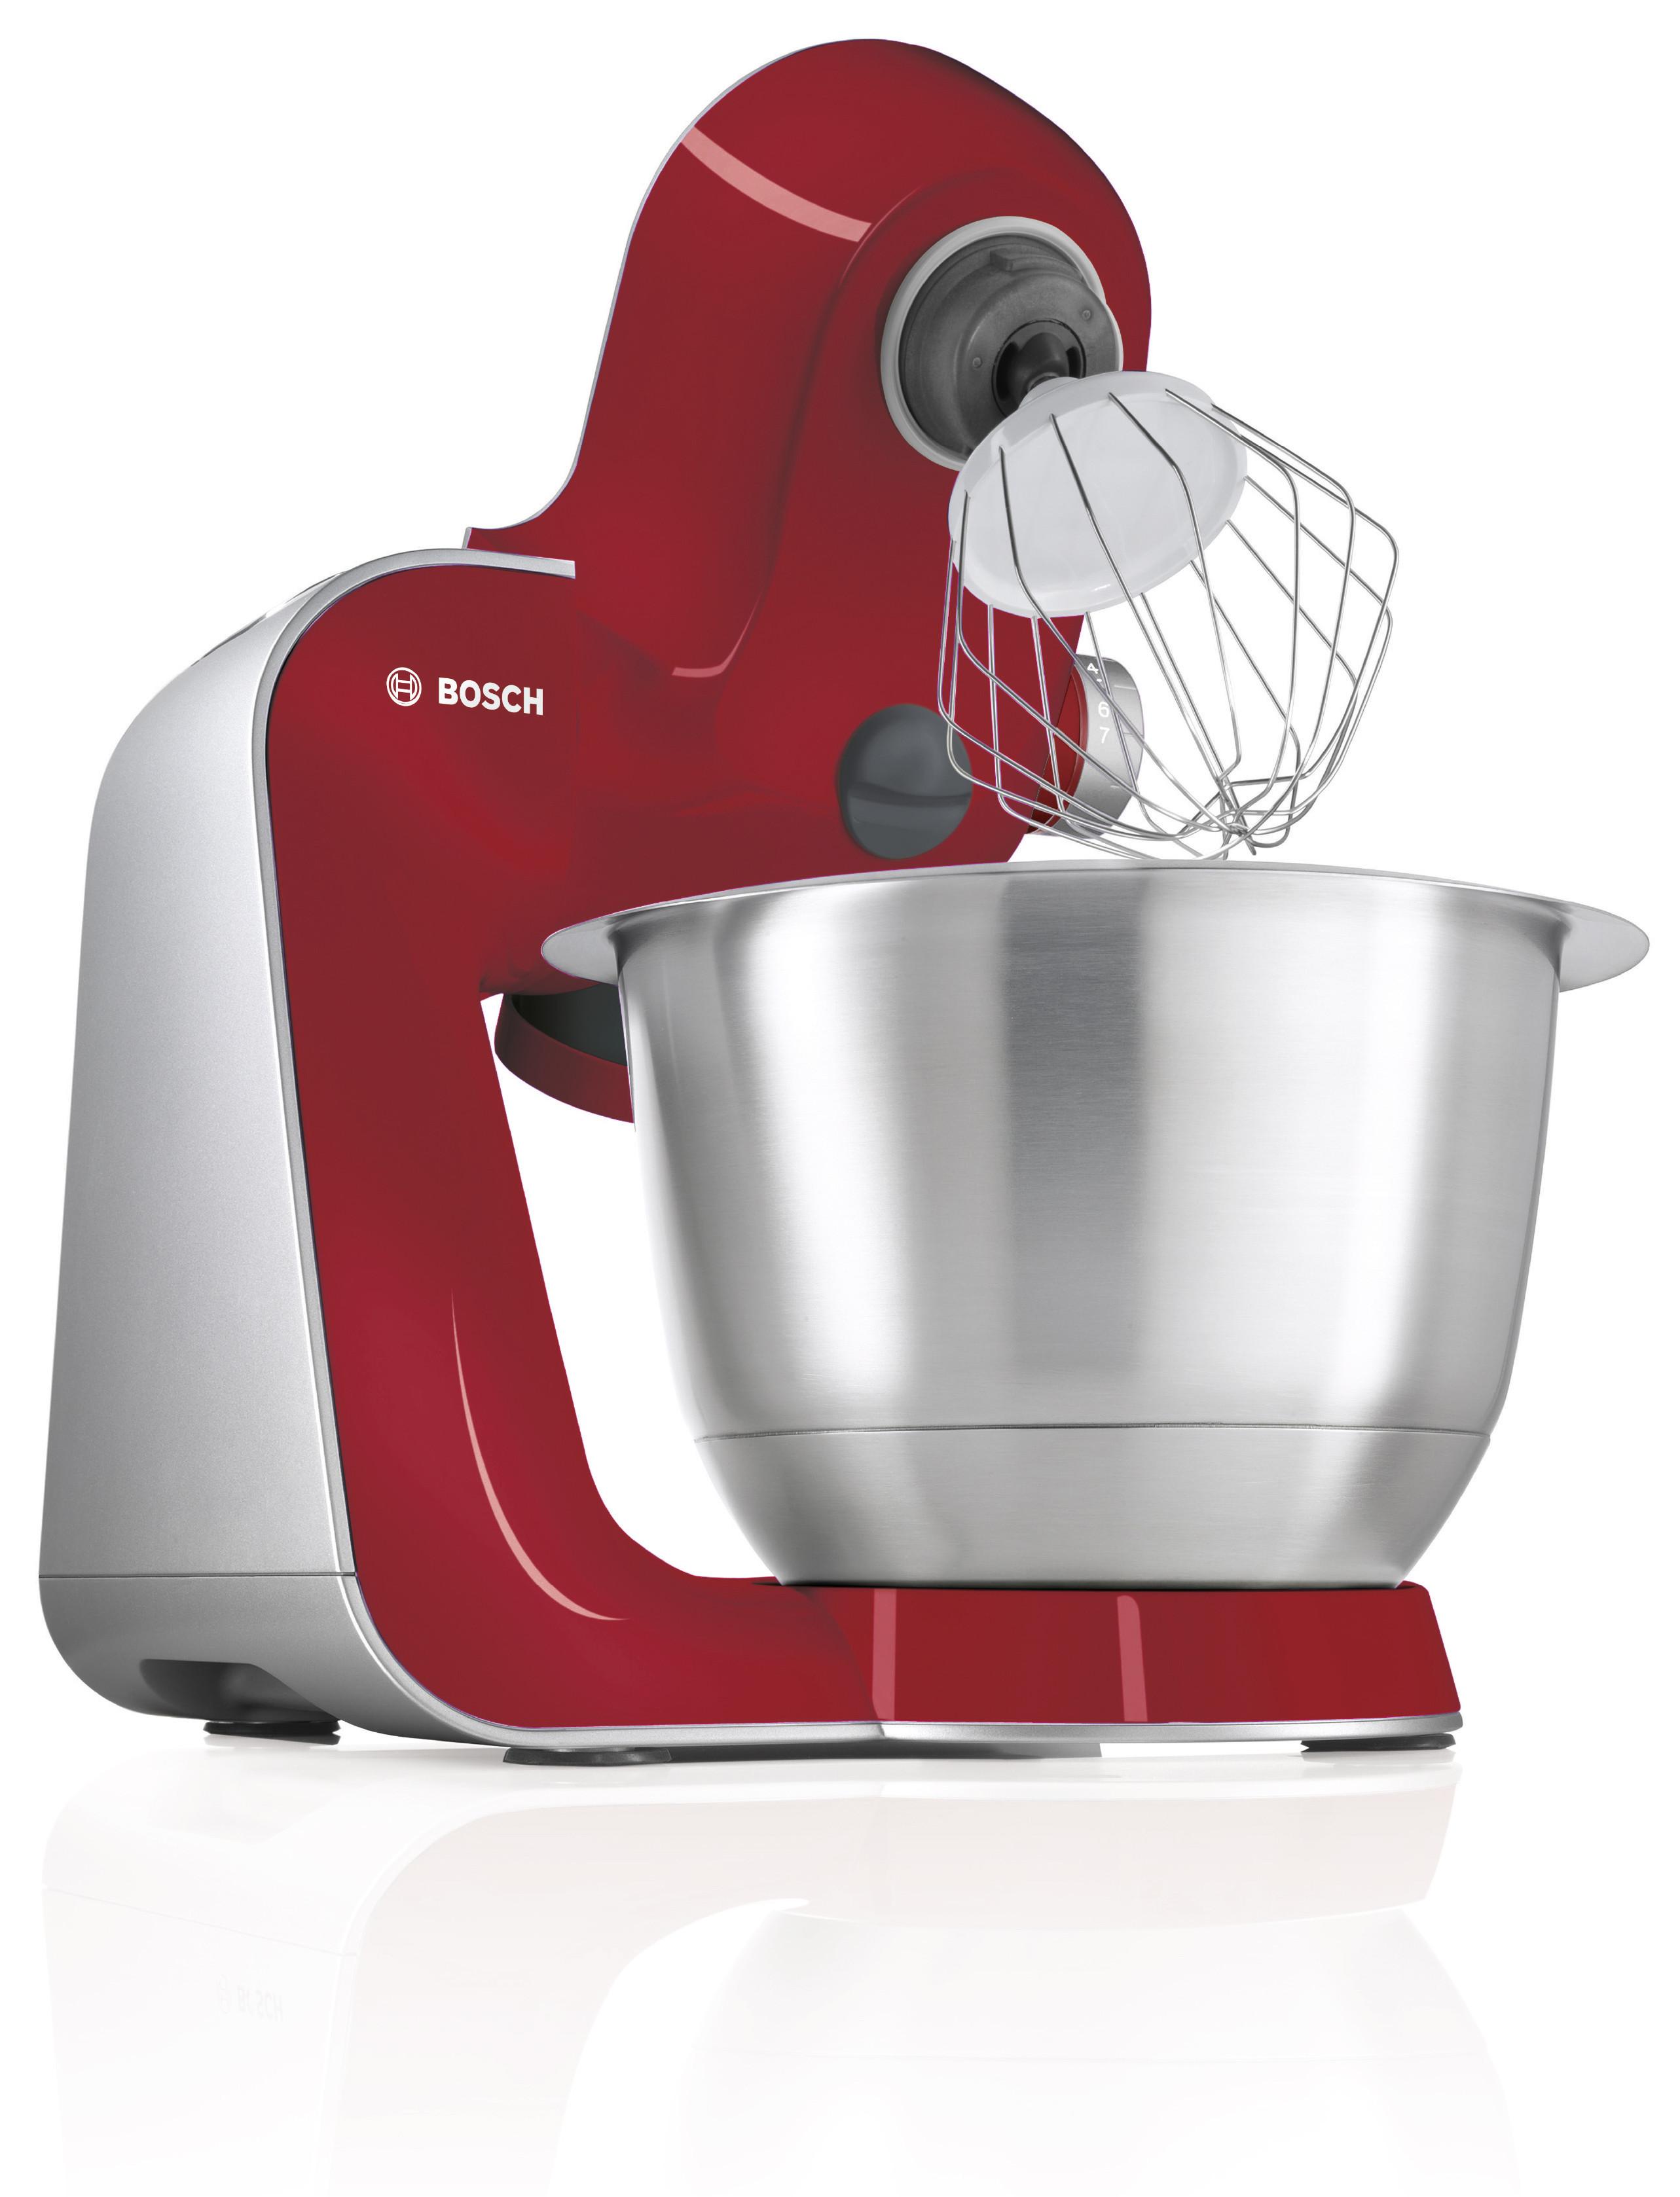 Küchenmaschine Bosch  Bosch MUM Küchenmaschine Bosch MUM 5